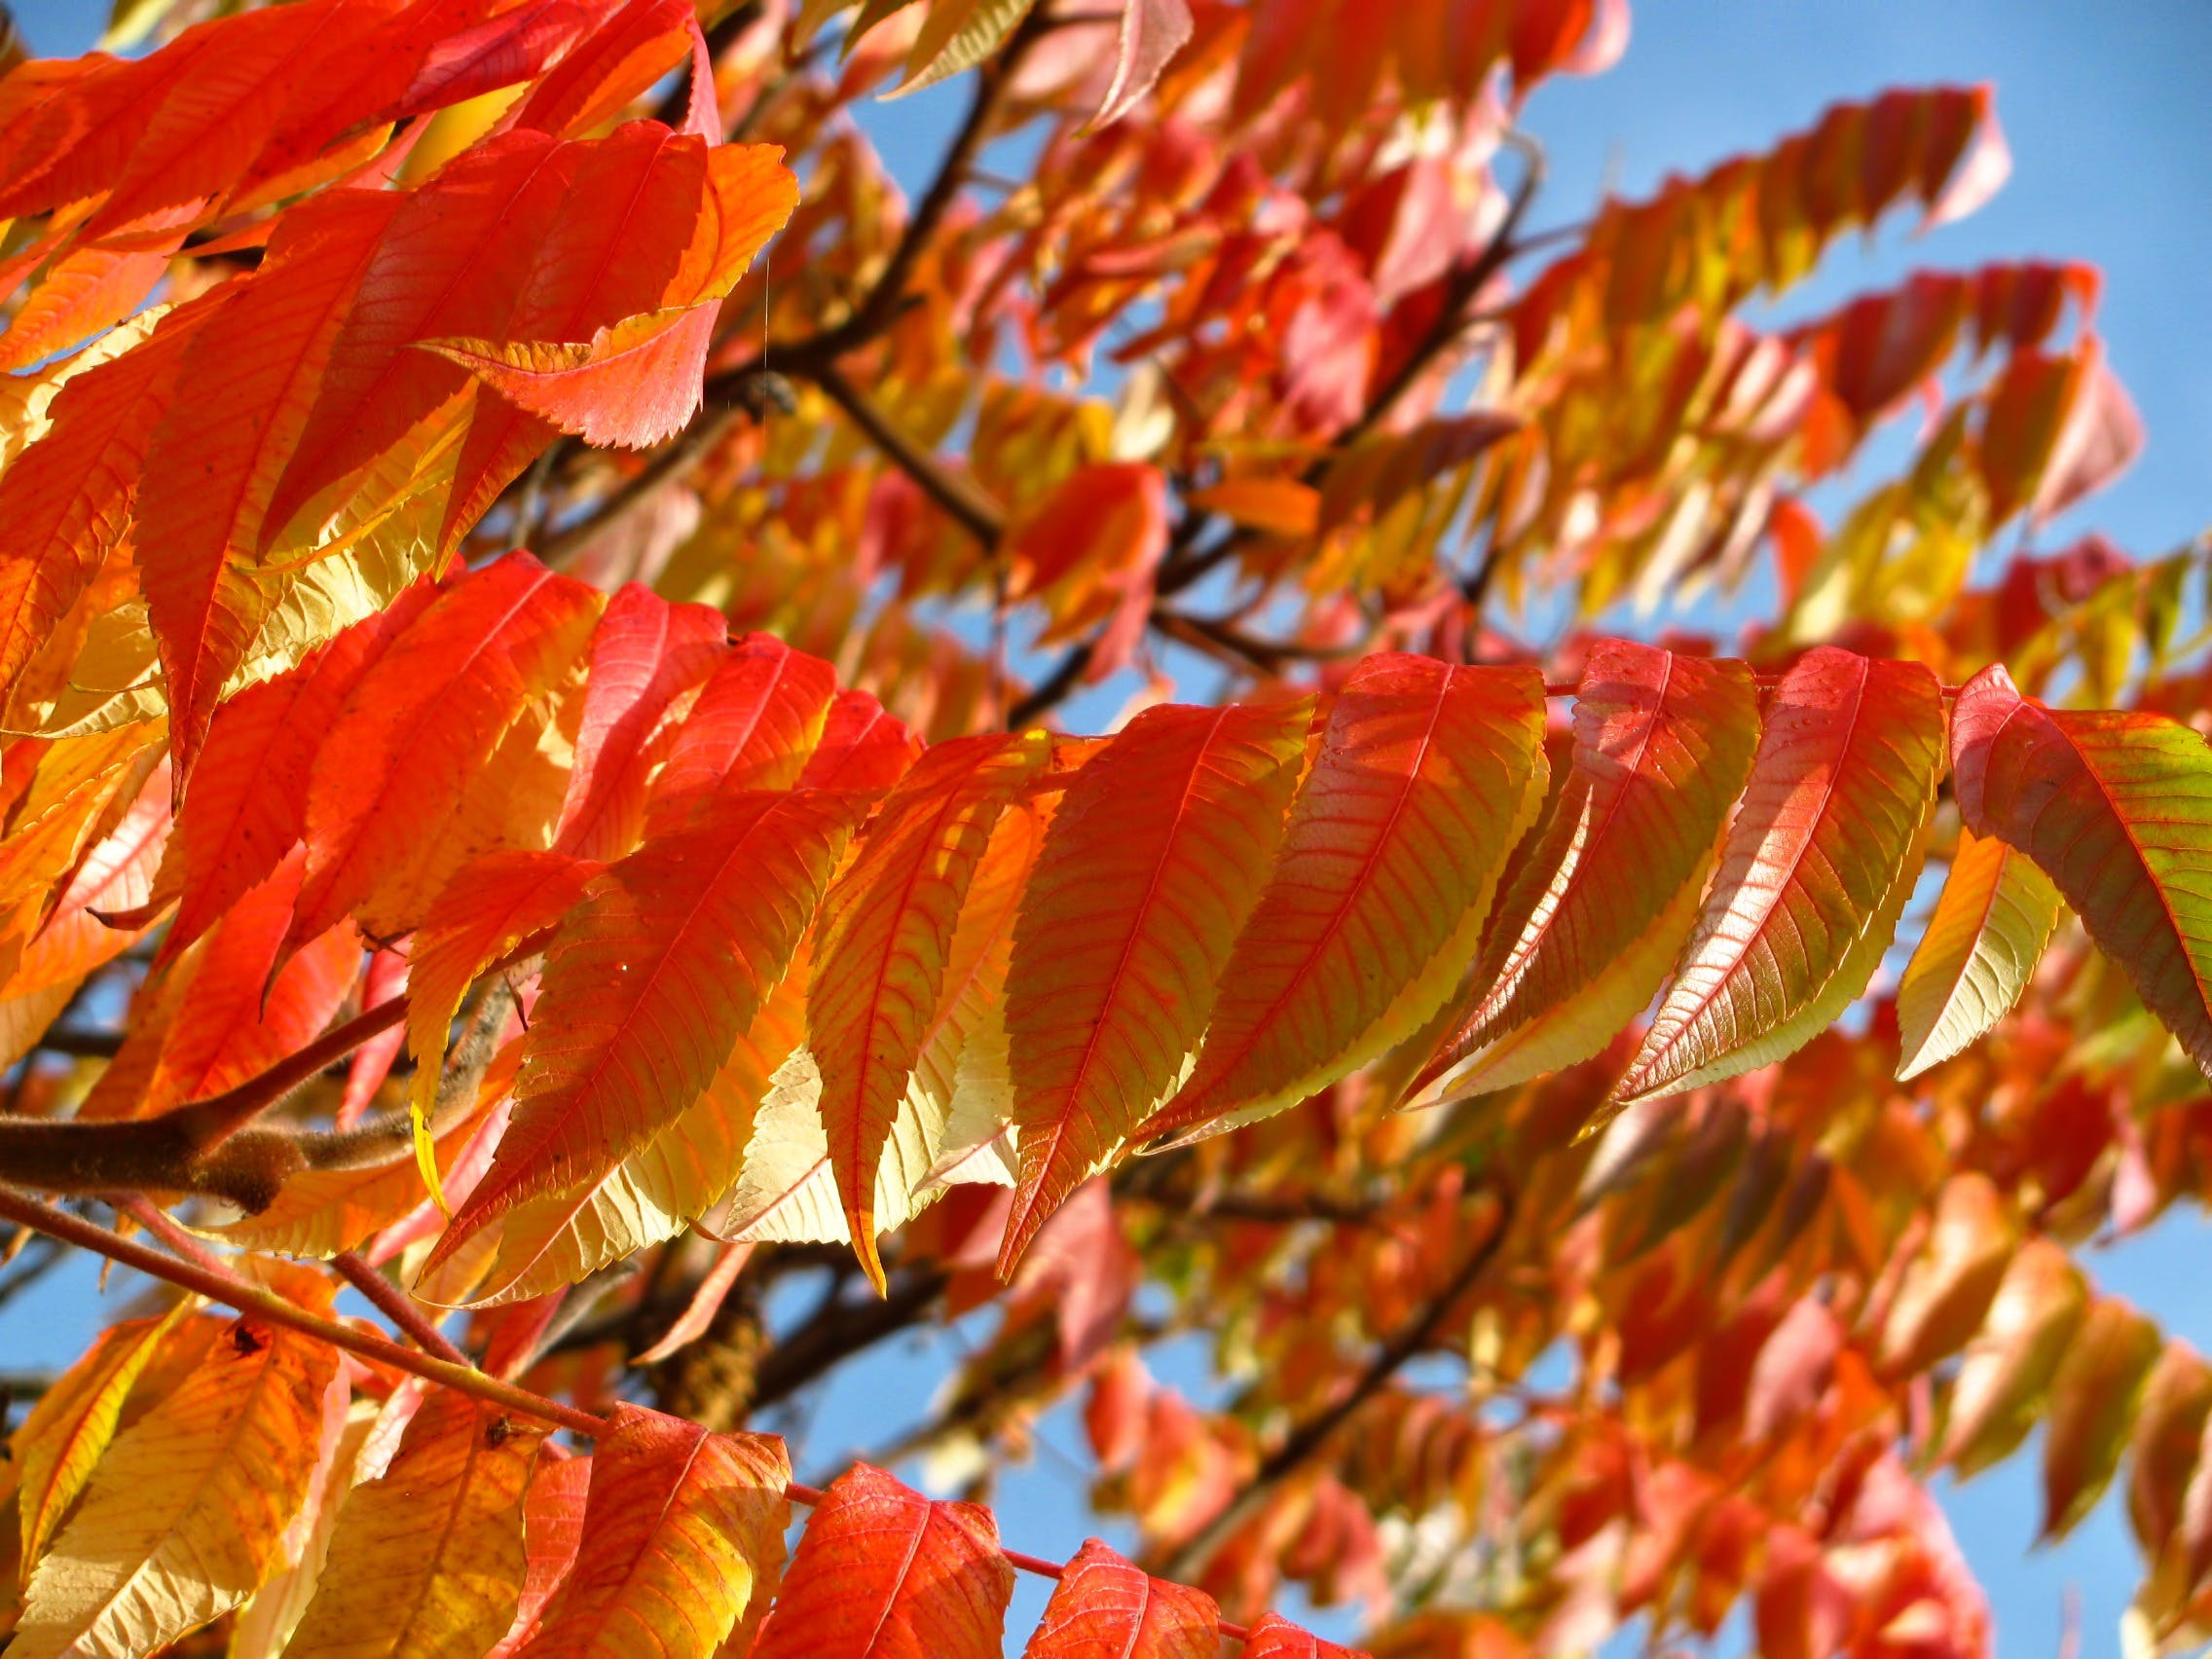 ağaçlar, dallar, doğa, Portakal içeren Ücretsiz stok fotoğraf